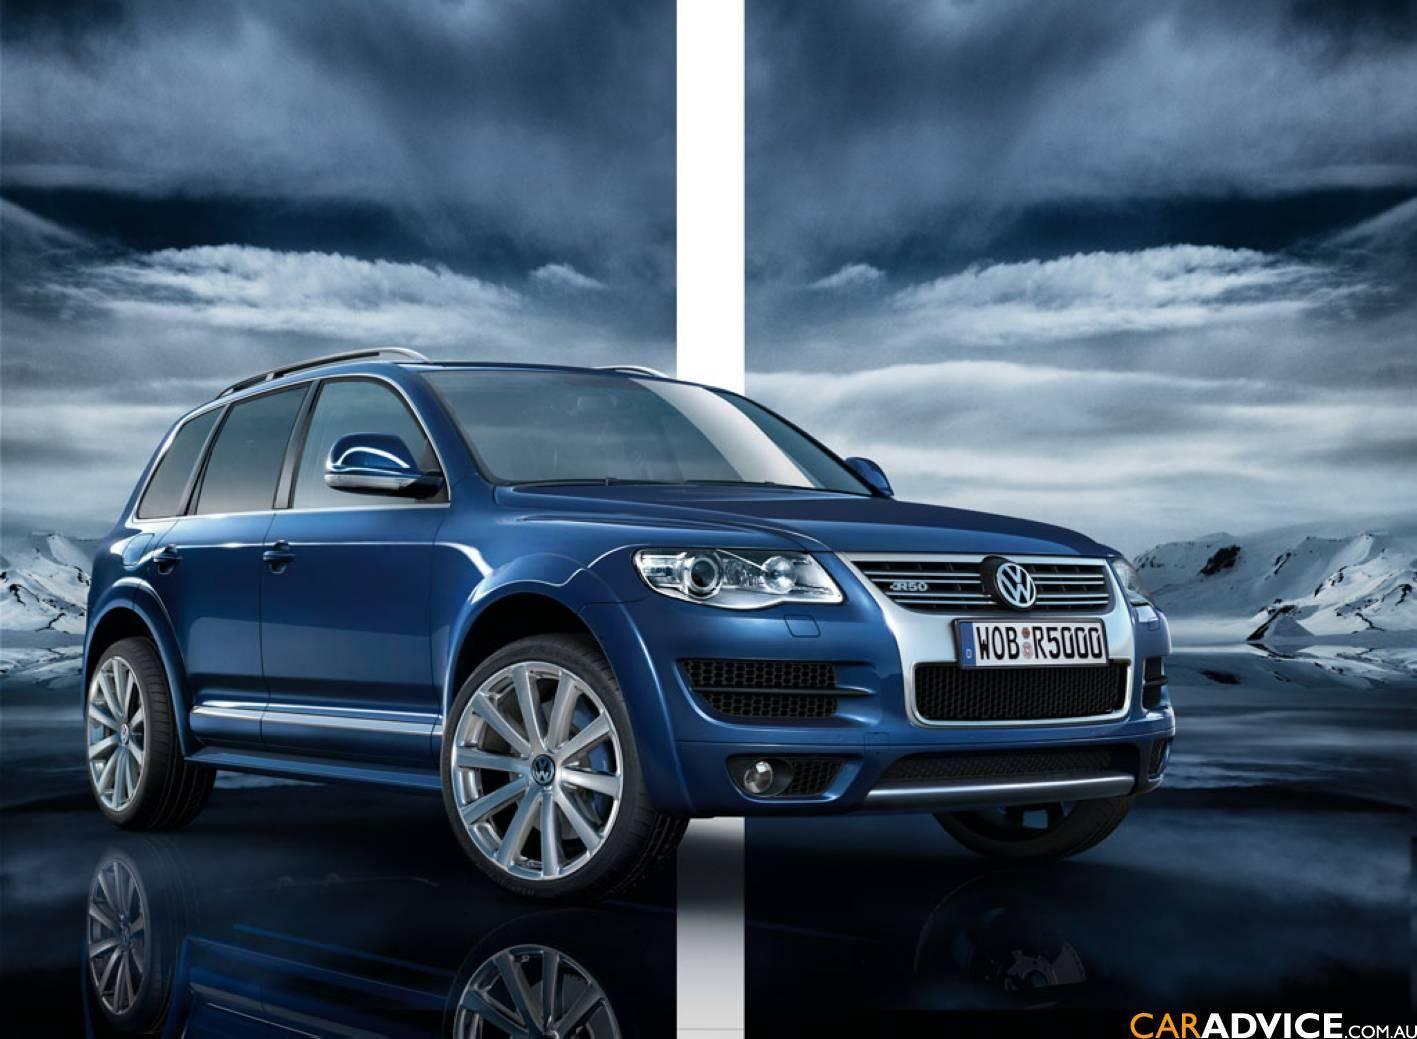 Touareg with rims | VW Touareg Atheos or R50 alloys - VW T4 Forum - VW T5 Forum